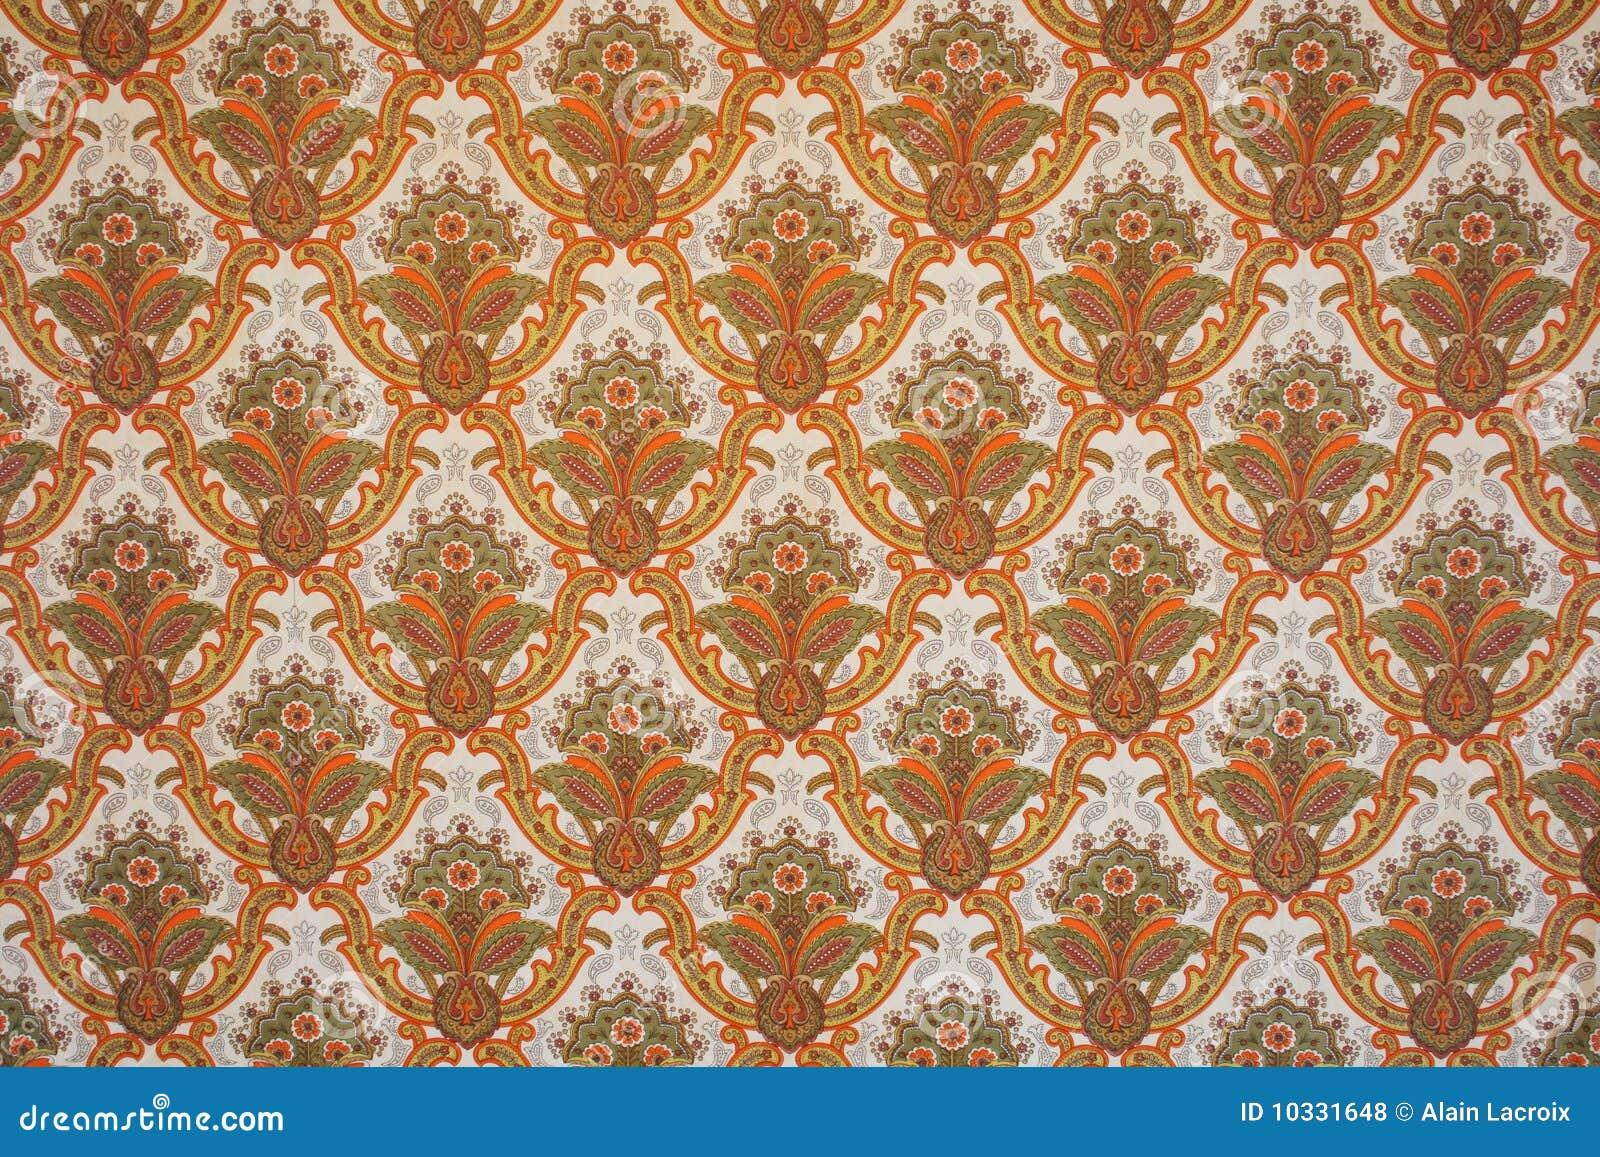 Retro tapete lizenzfreie stockfotos bild 10331648 for Tapete orange